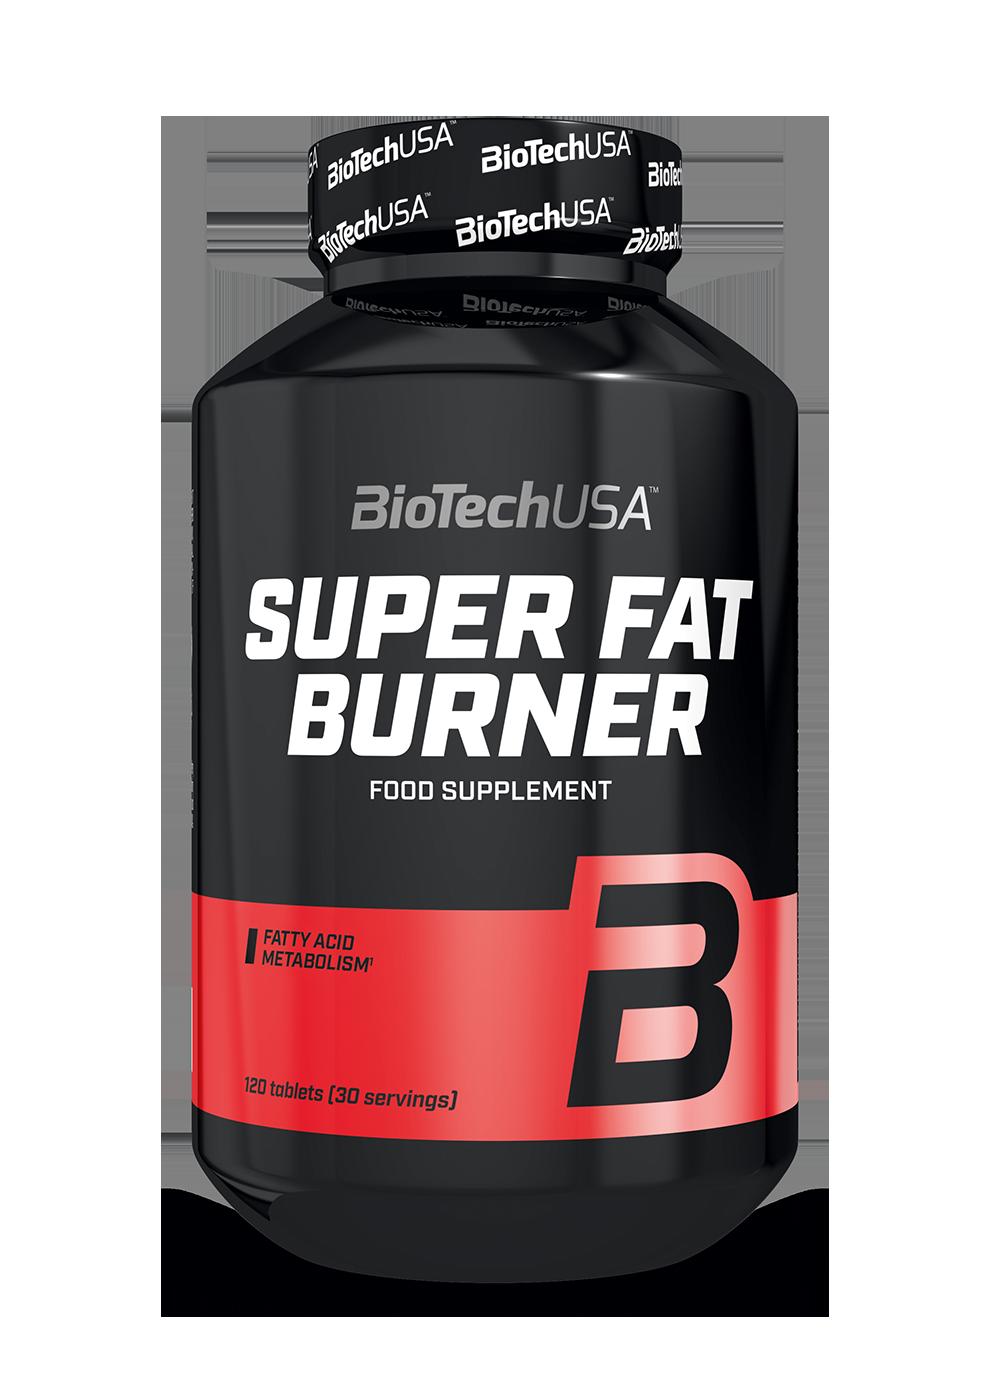 Super Fat Burner BioTech USA